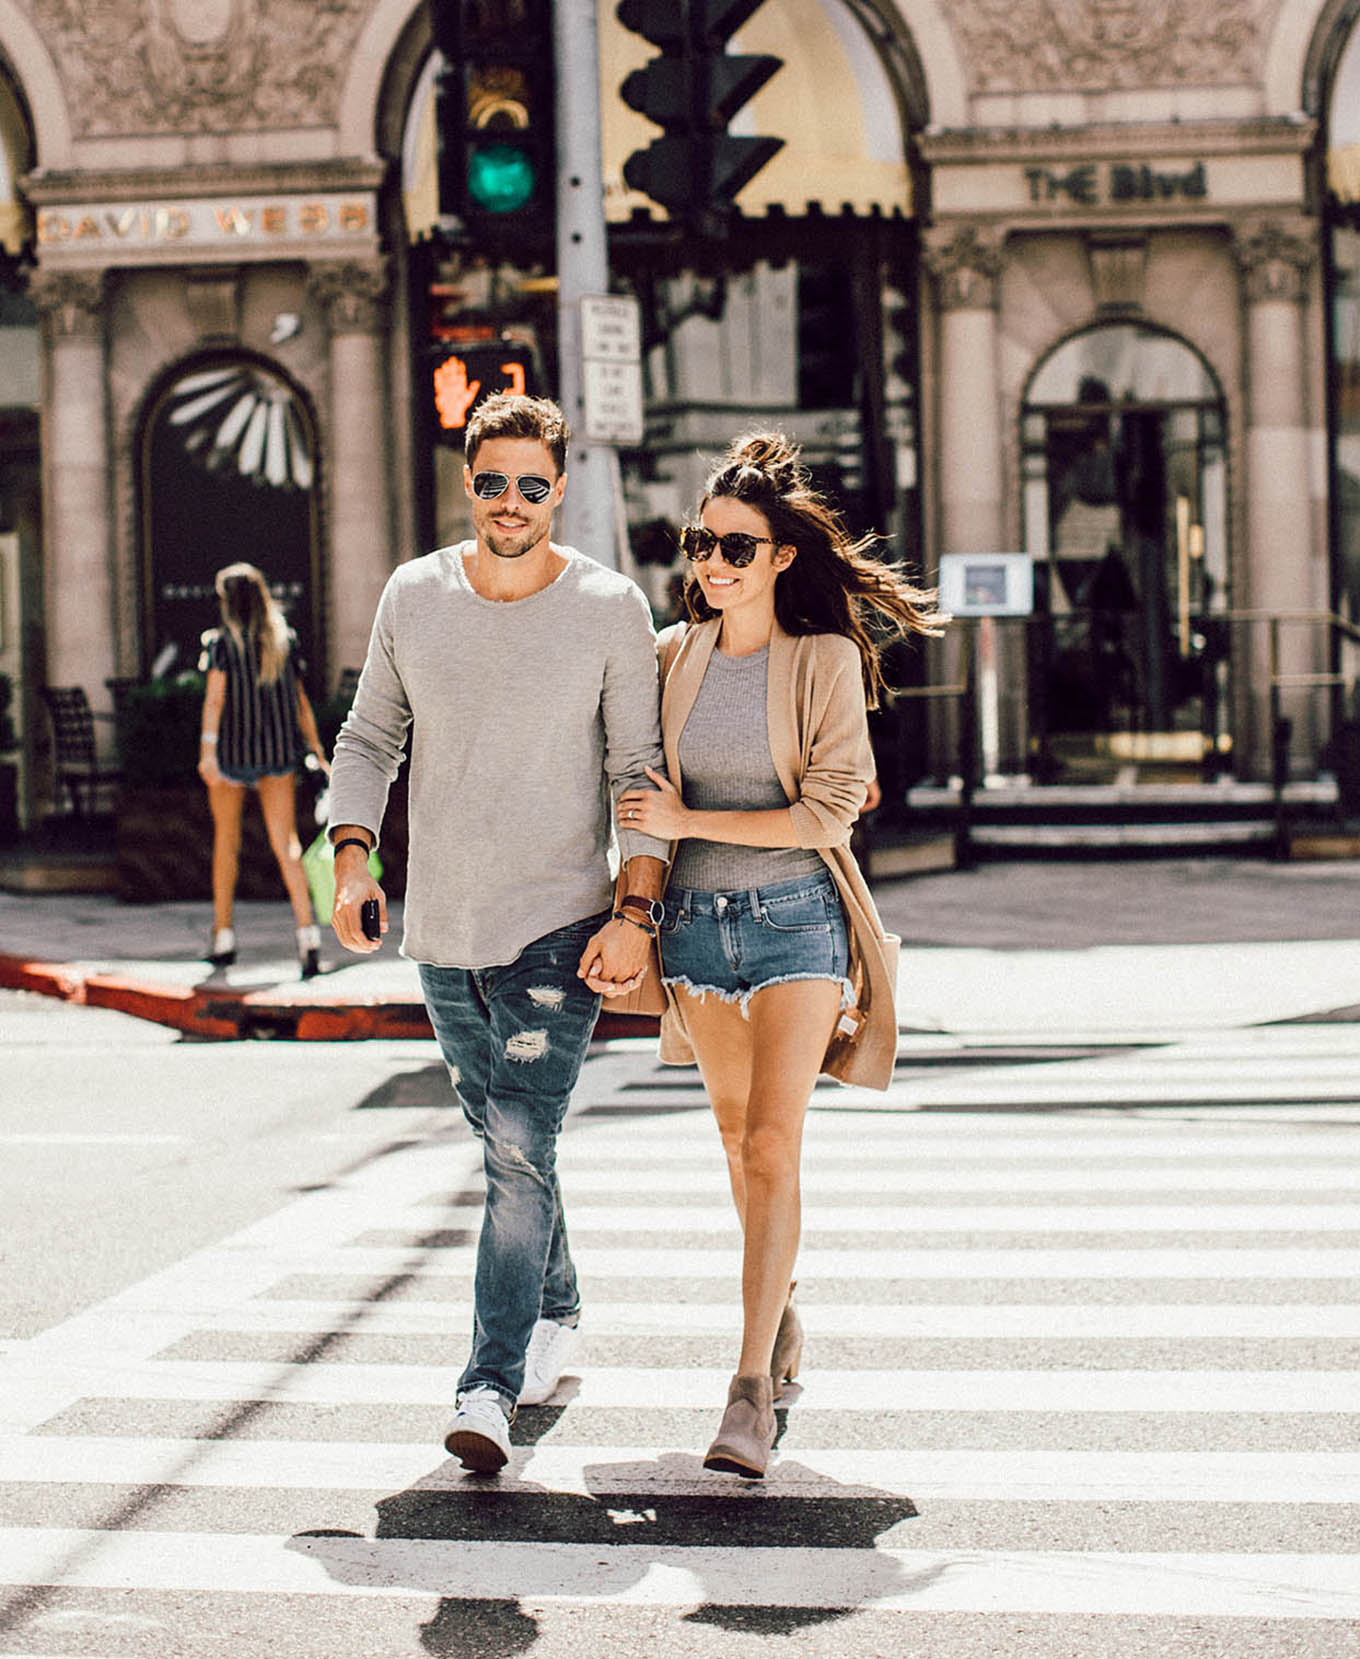 LA His & hers style